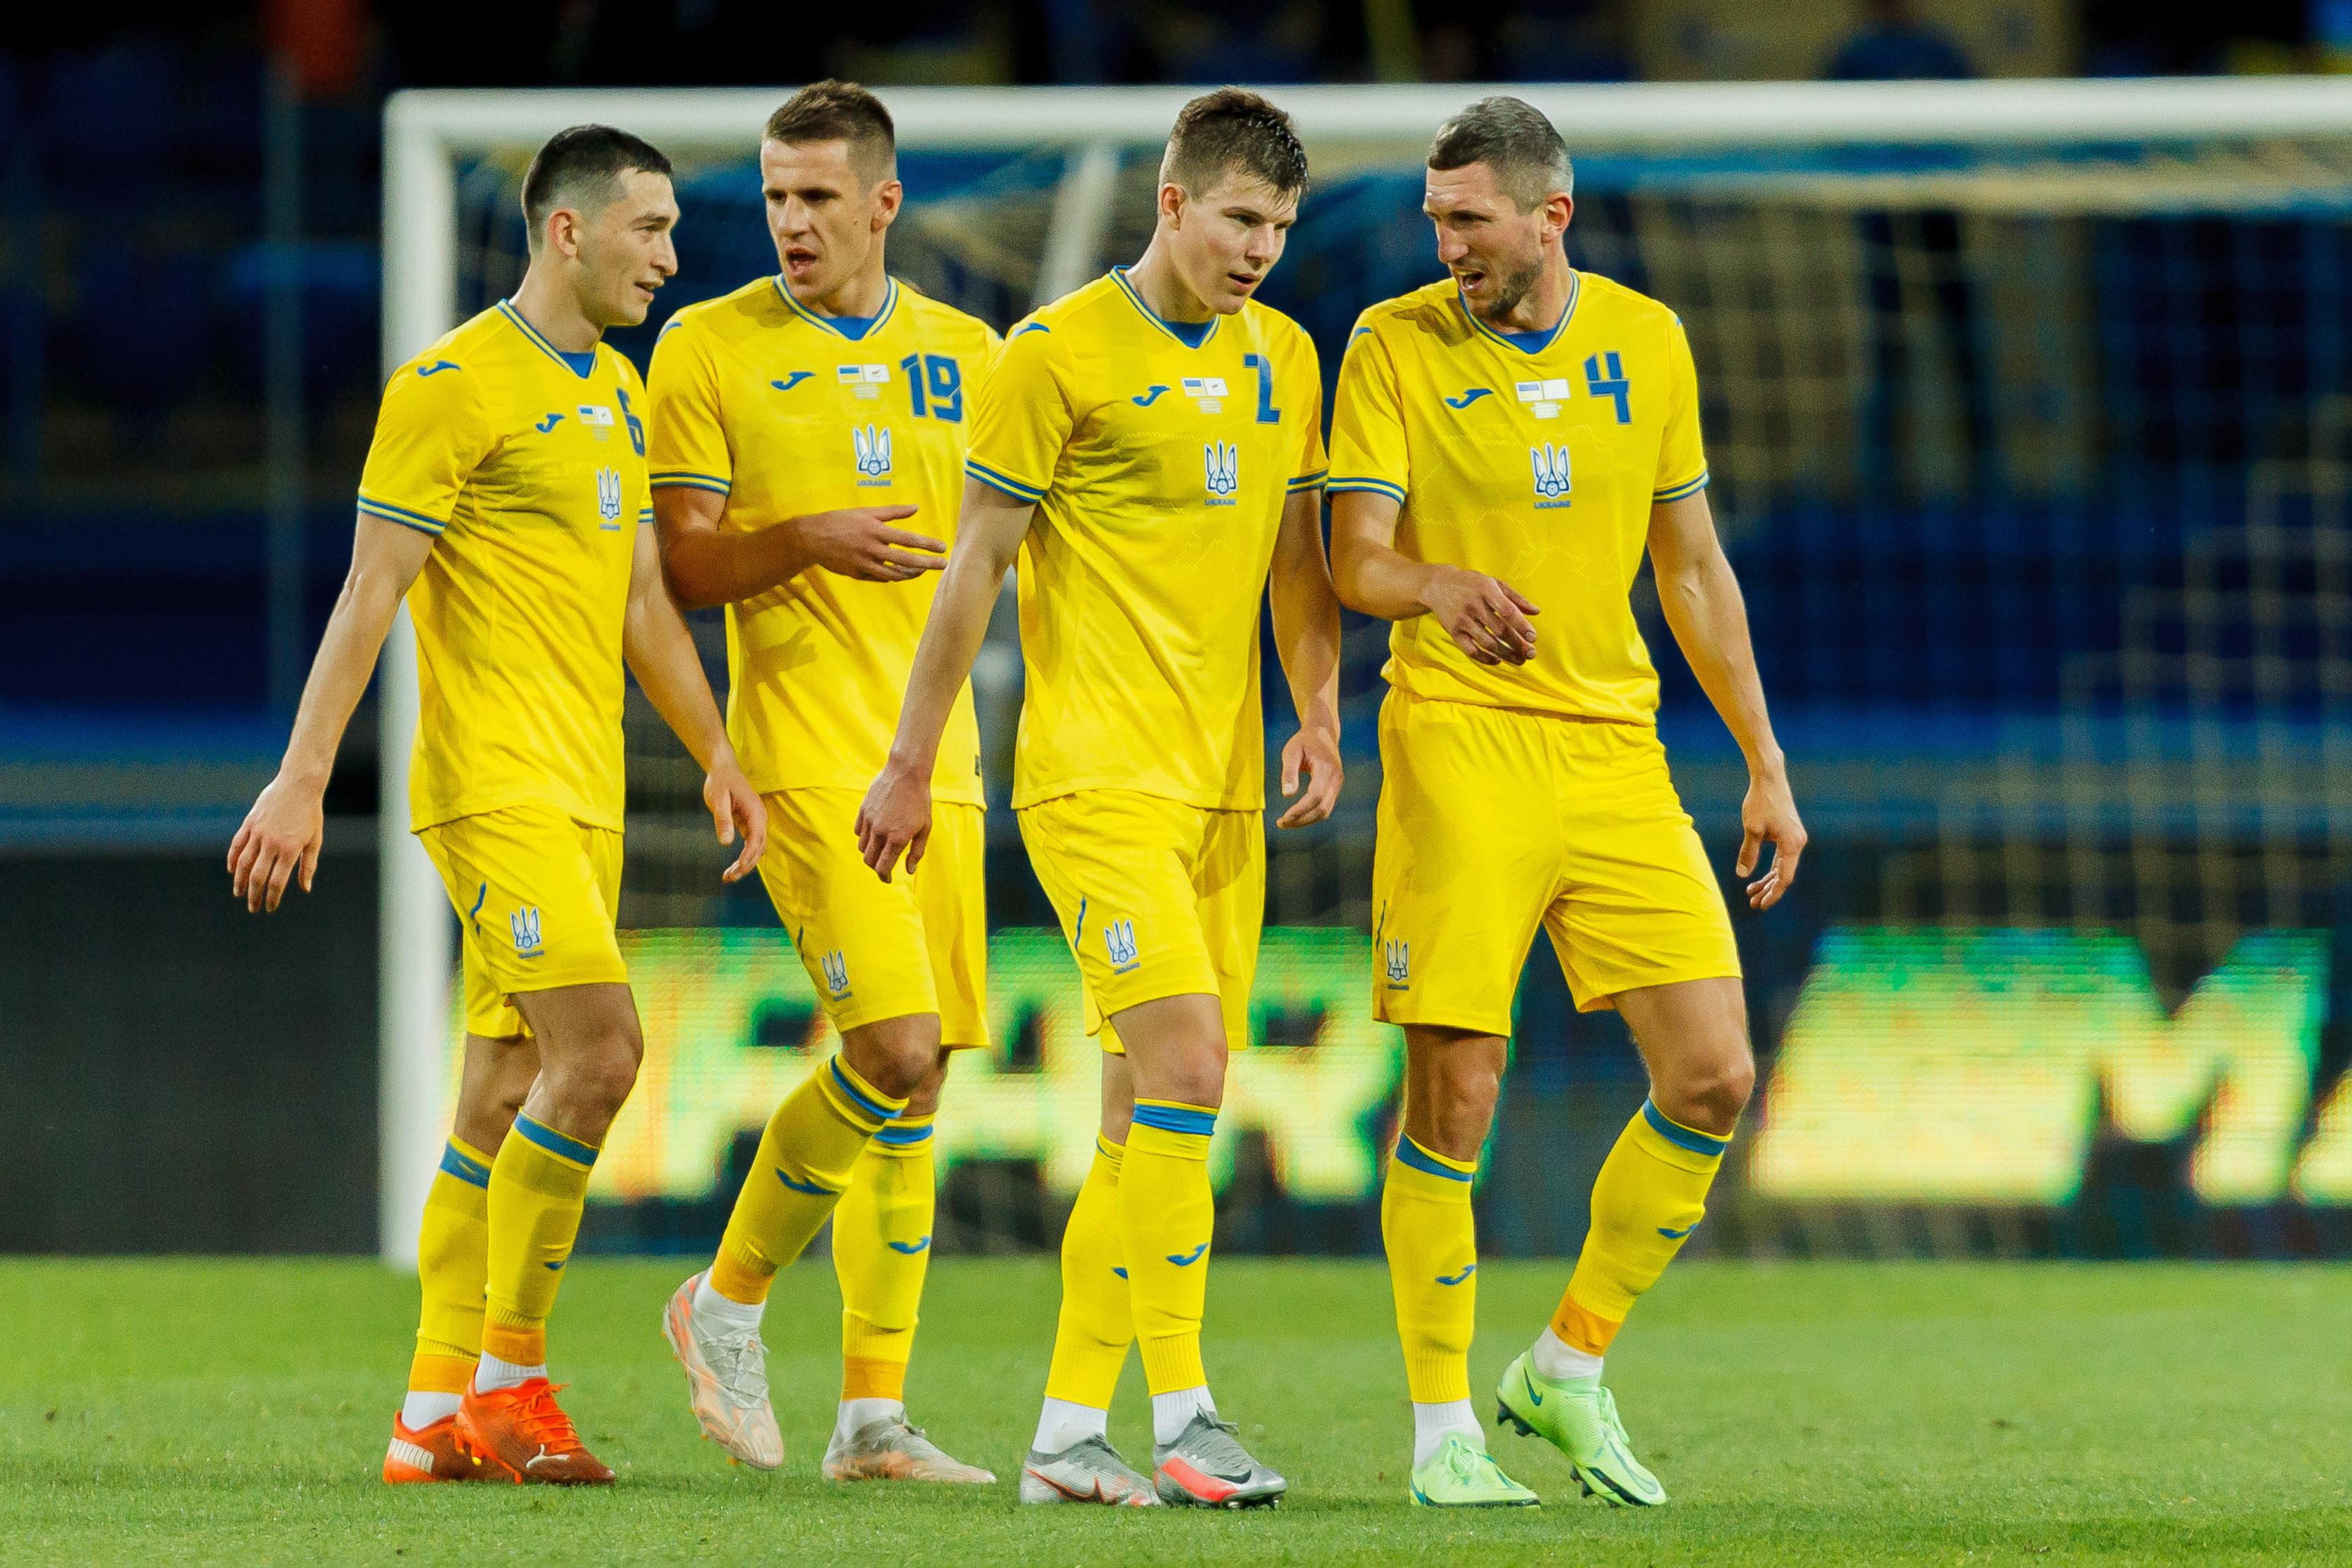 Euro 2020. Spór zakończony? UEFA podjęła decyzję ws. koszulek reprezentacji Ukrainy - Sport WP SportoweFakty